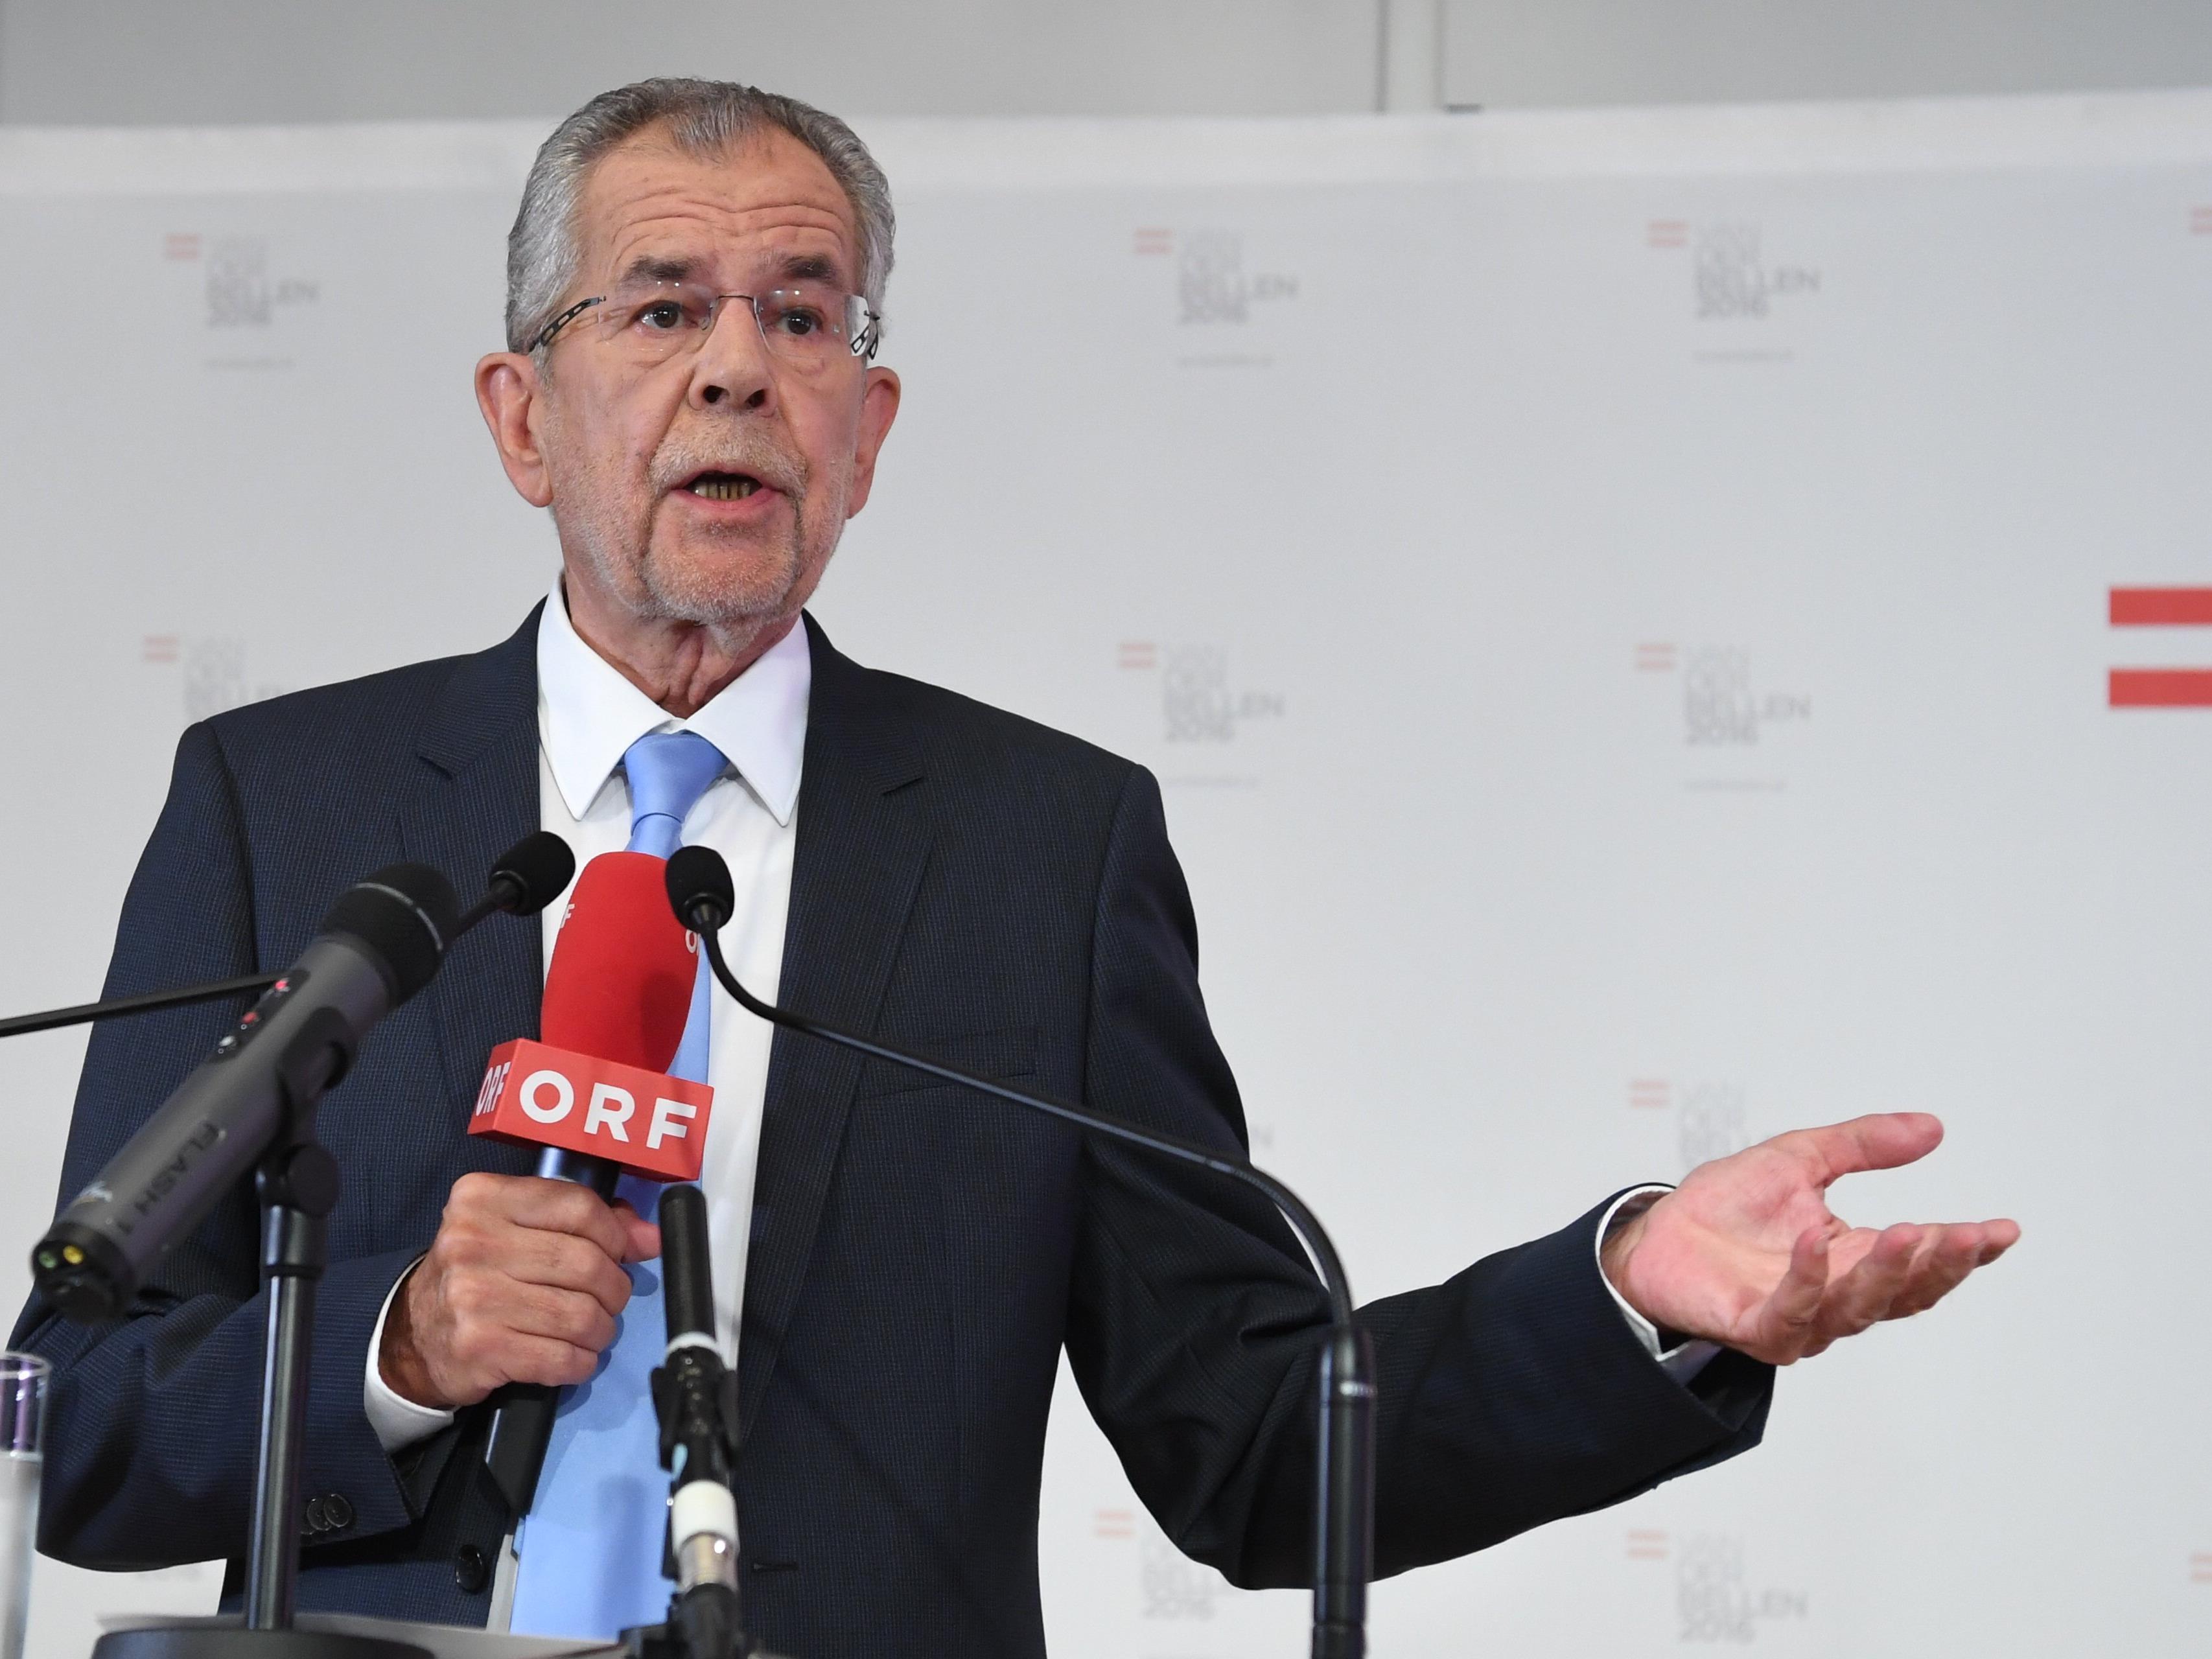 Bundespräsidentschaftskandidat Alexander Van der Bellen beweist Galgenhumor